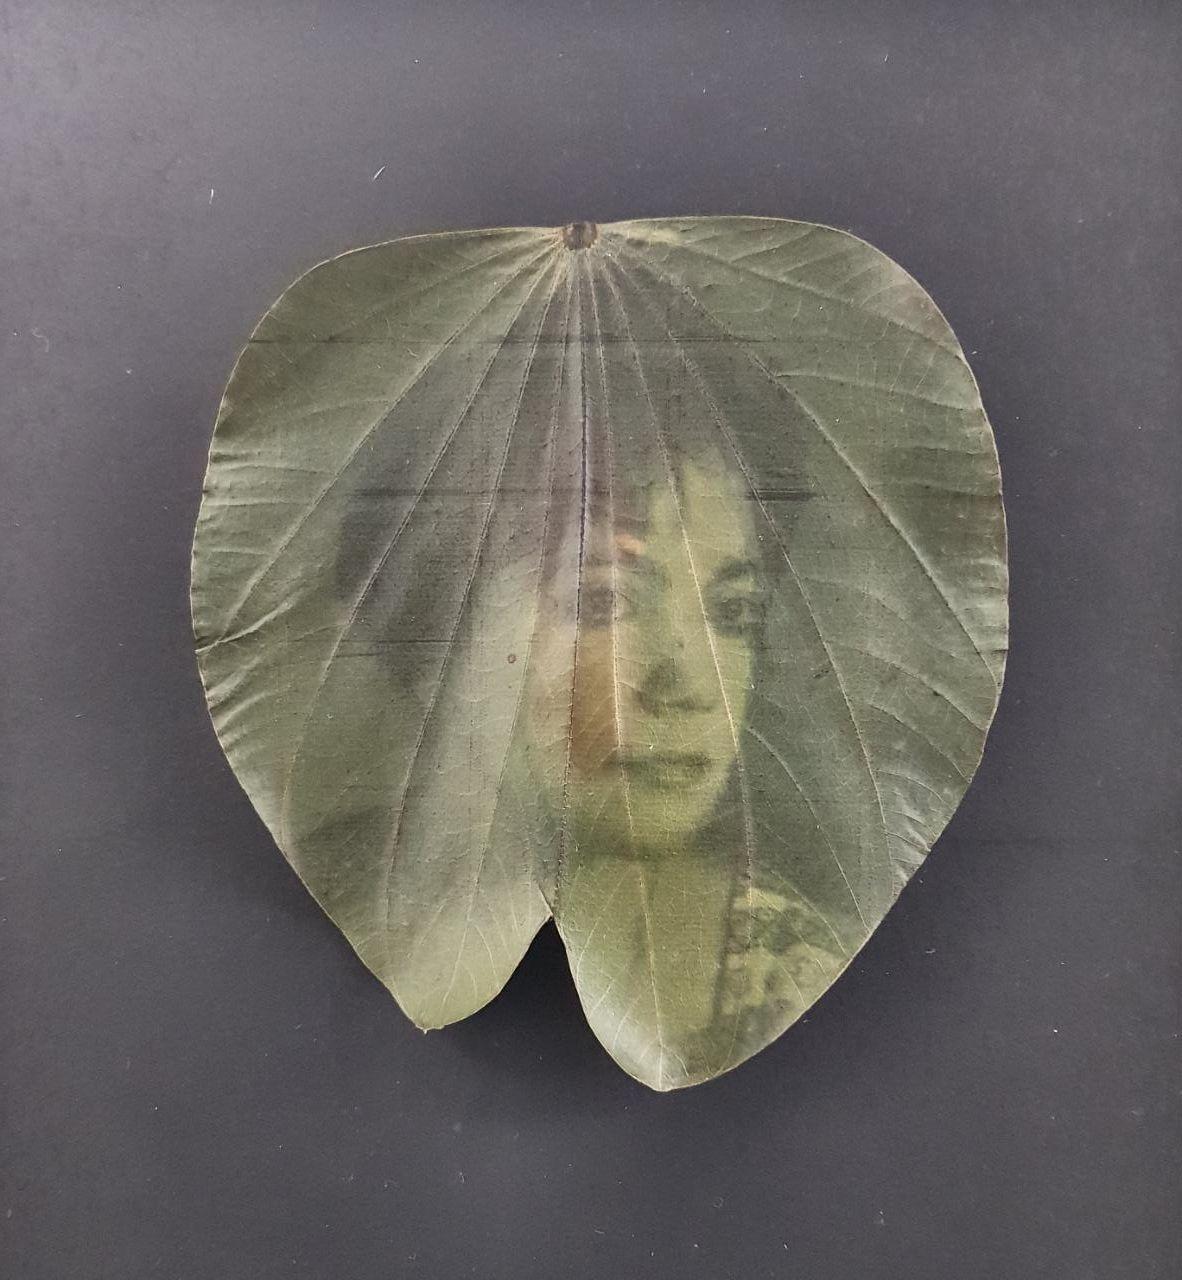 Christus Nobrega, Árvore genealógica, impressão sobre folha e verniz, 35 x 35 cm, 2014